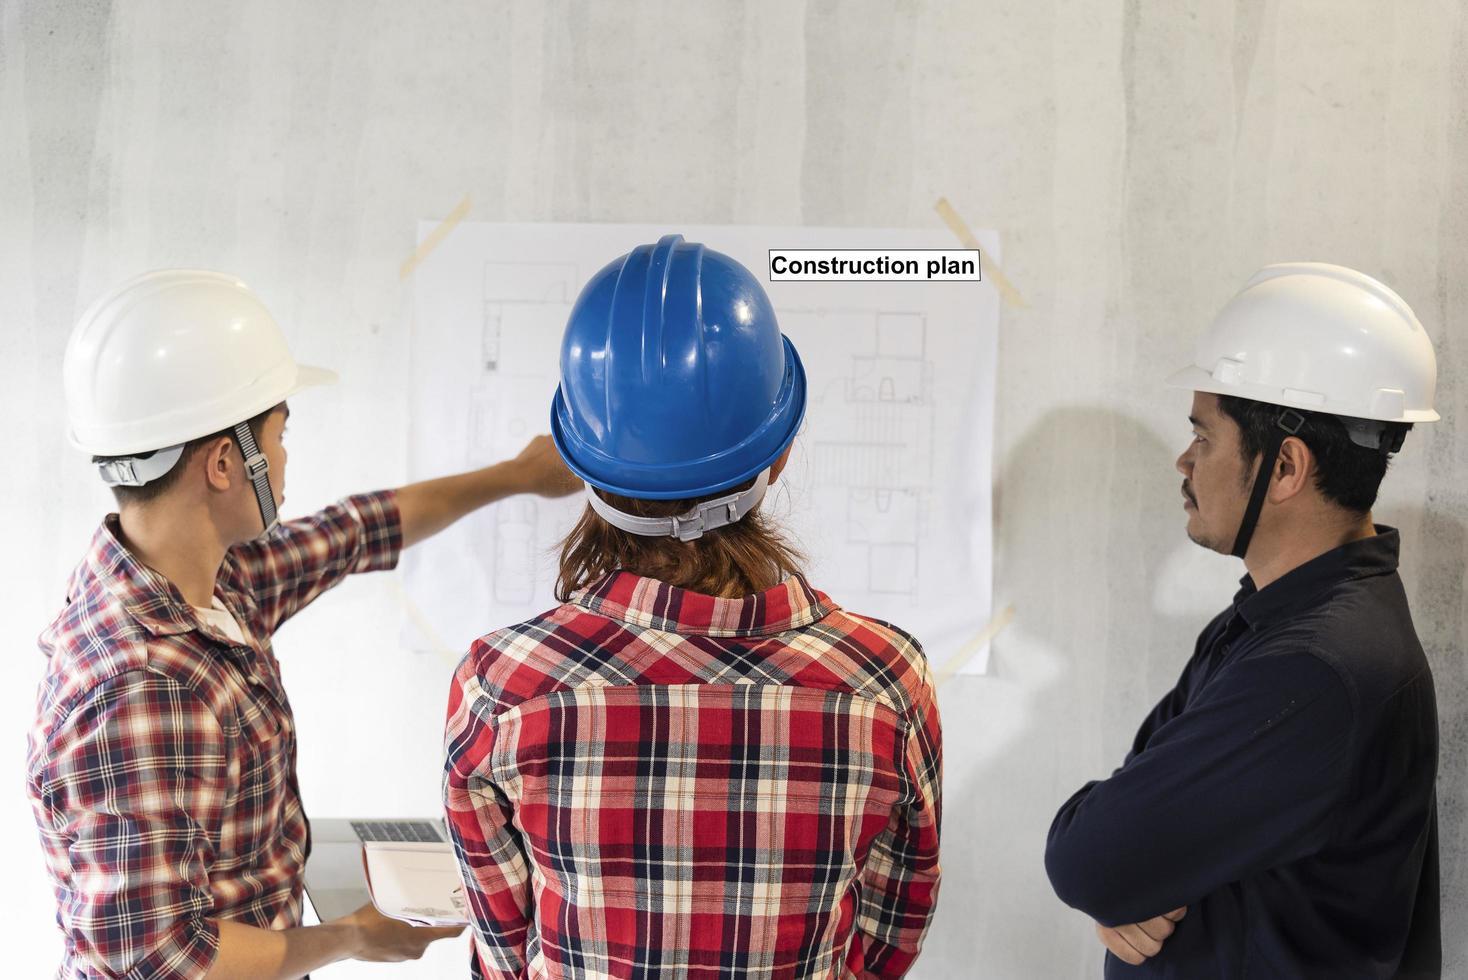 ingénieurs asiatiques avec des casques de sécurité photo